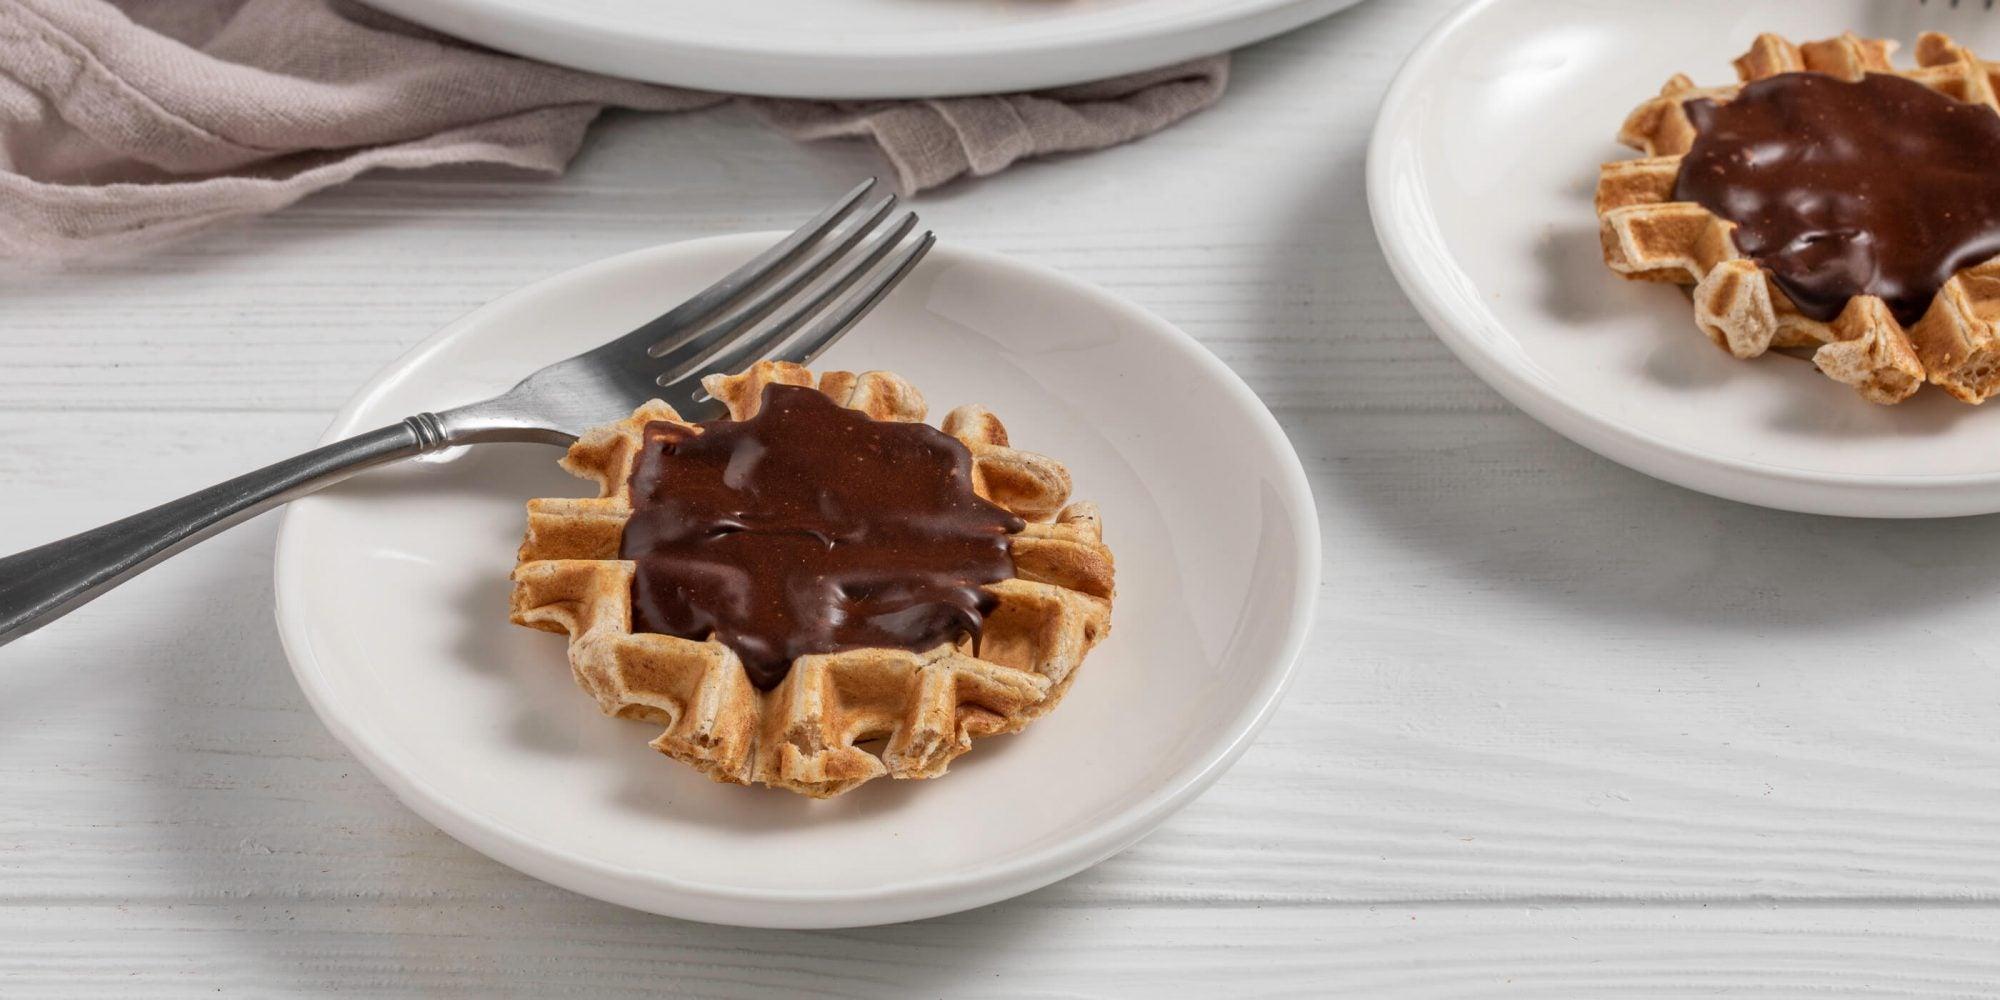 Chocolate-Glazed Wonut